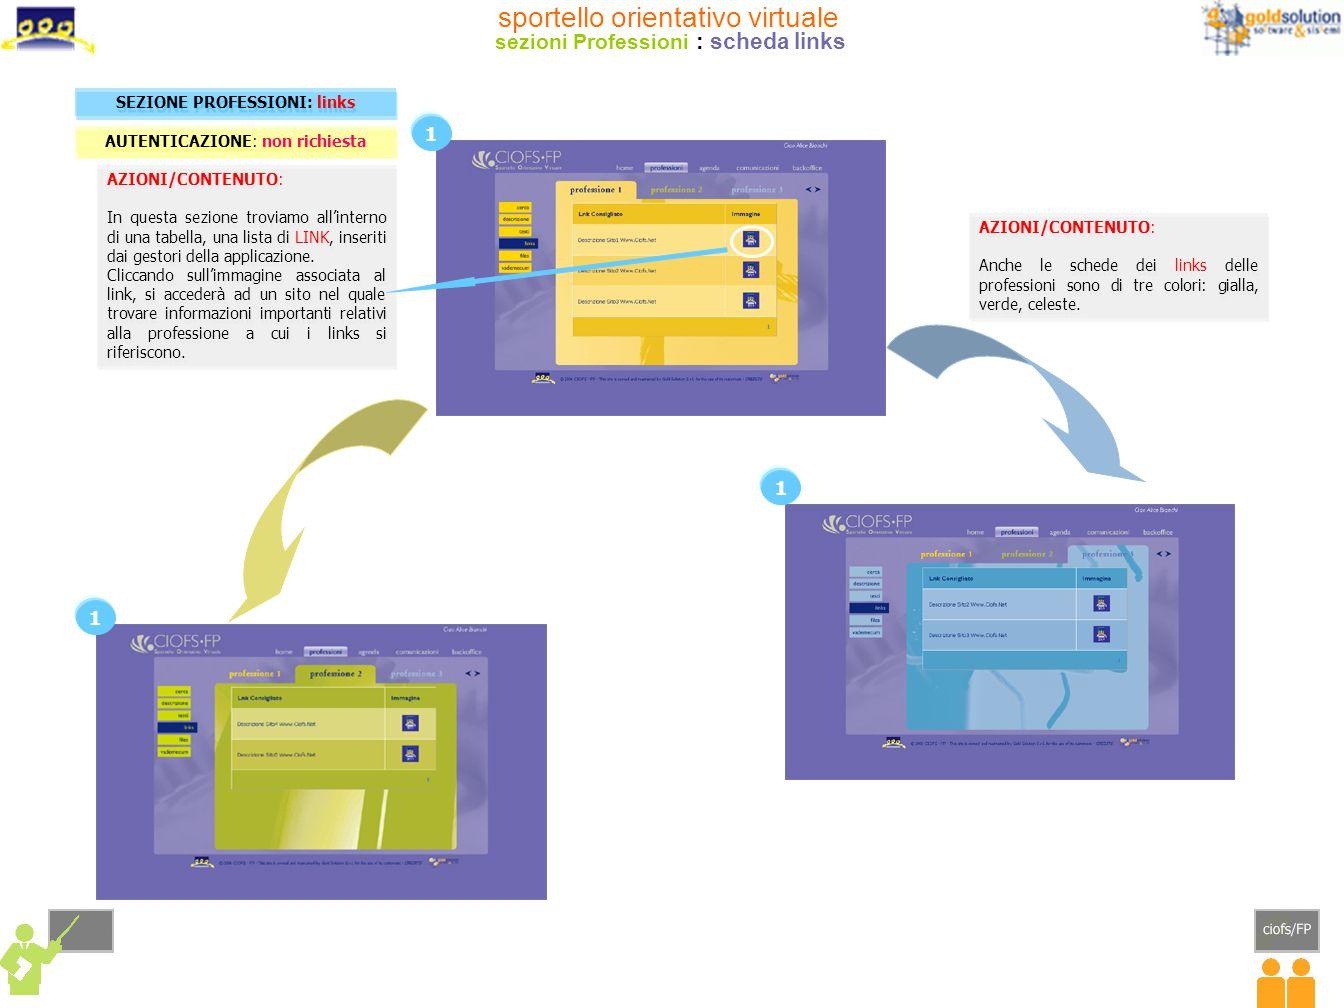 sportello orientativo virtuale sezioni Professioni : scheda links AZIONI/CONTENUTO: In questa sezione troviamo all'interno di una tabella, una lista di LINK, inseriti dai gestori della applicazione.